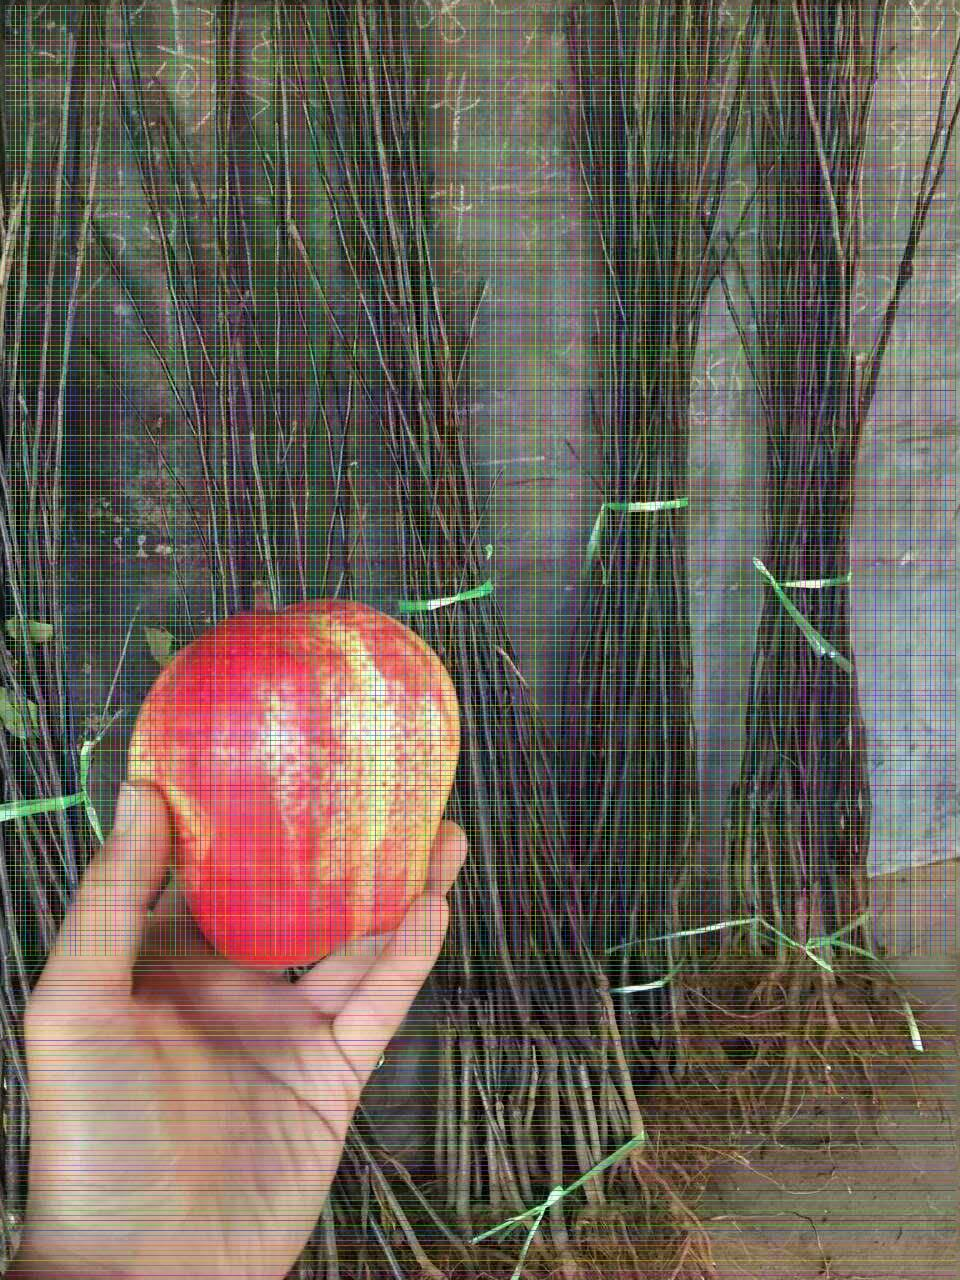 秋月梨树苗:果个大,平均单果重450g,大果可达1000g。果形端正,果实整齐度极高,商品果率高。果形为扁圆形,果形指数0.8左右。果皮黄红褐色,果色纯正;果肉白色,肉质酥脆,石细胞极少,口感清香,可溶性固形物含量14.5%左右。果核小,可食率95%以上,品质上等。秋月梨耐贮藏,长期贮藏后无异味,其特点是汁多甘甜,产量高。 绿宝石梨树苗:绿宝石梨,又叫中梨1号,早熟品种,果实圆形或扁圆形,似日韩梨果形,果形整齐,略偏斜。果皮黄绿,较美观,果肉黄白色,肉质细,汁多,石细胞团少,是目前早熟梨中综合性状的品种